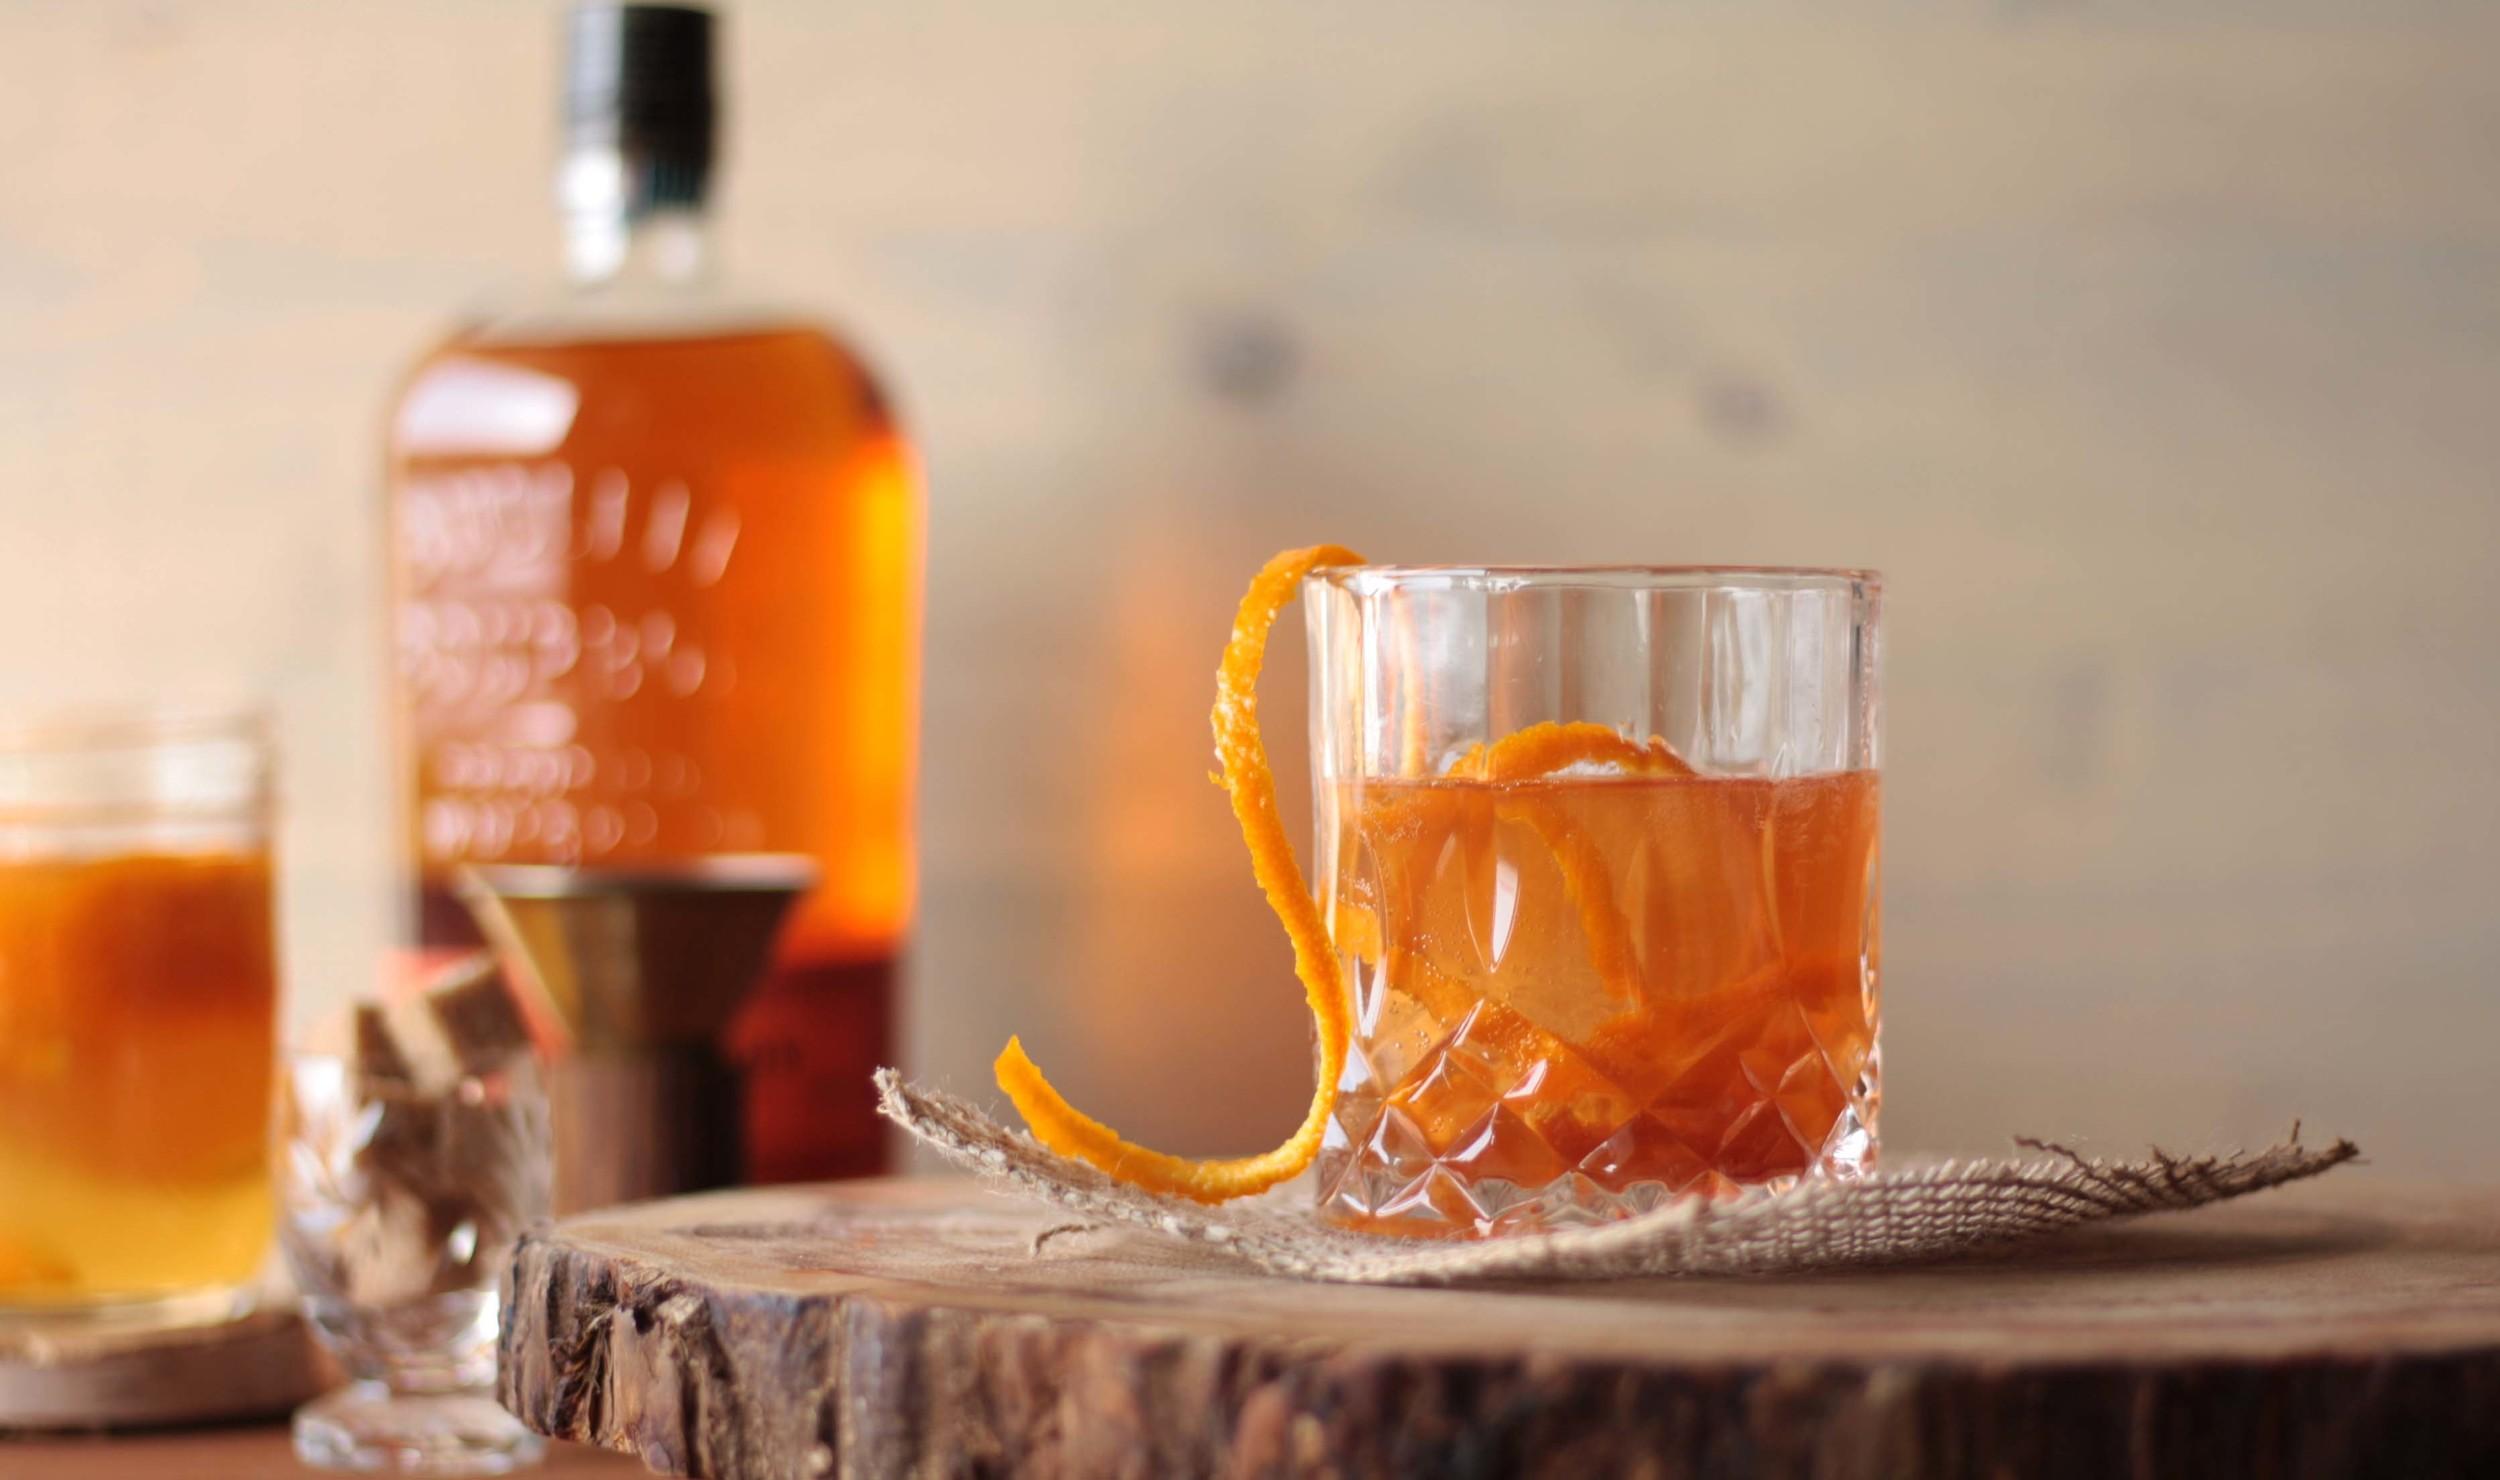 Orangey Old Fashioned